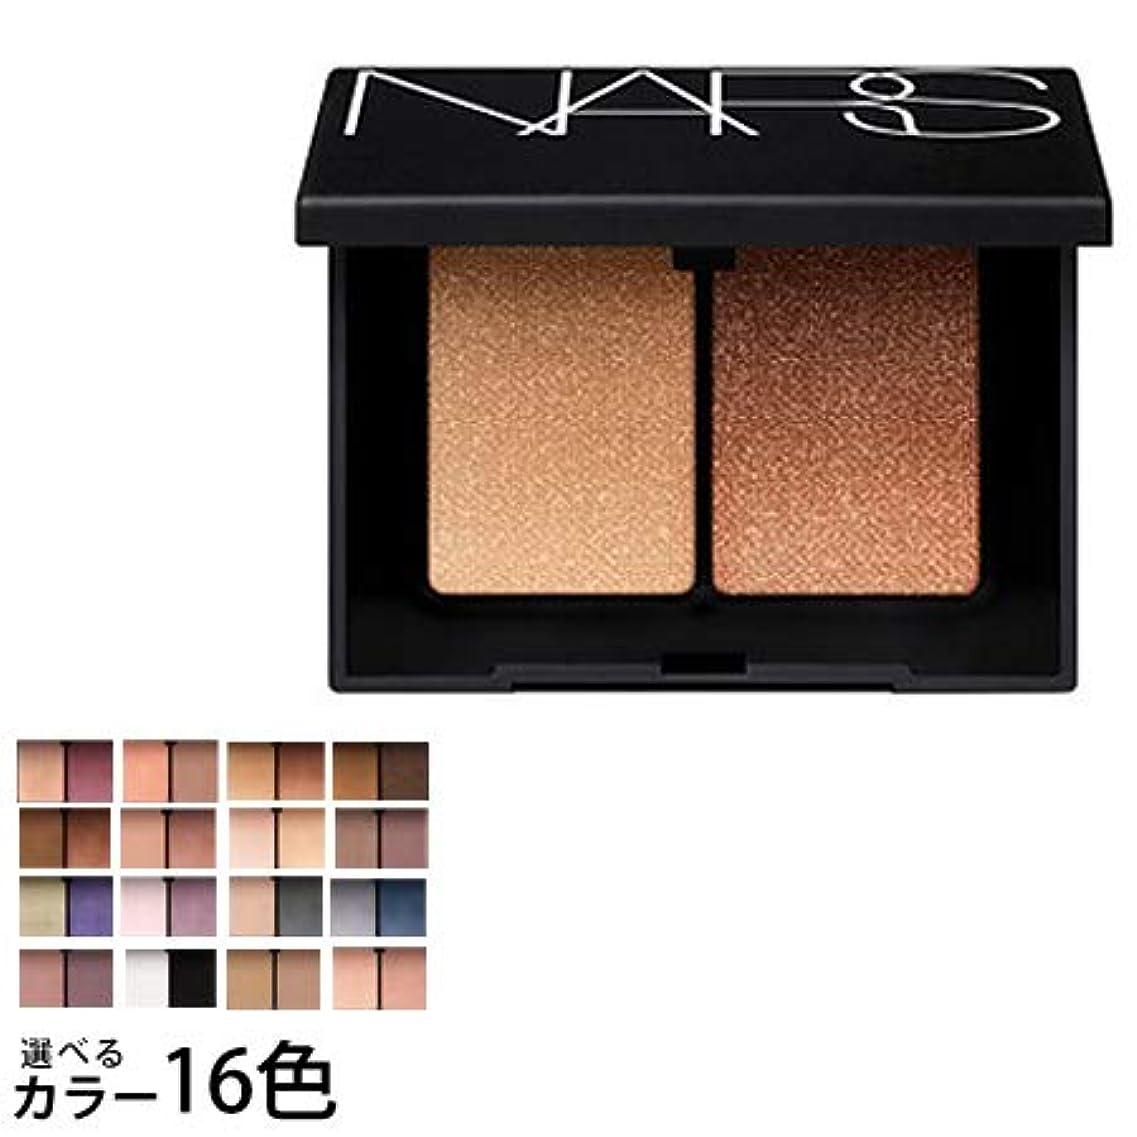 ナーズ デュオアイシャドー 選べる全16色 -NARS- 3925